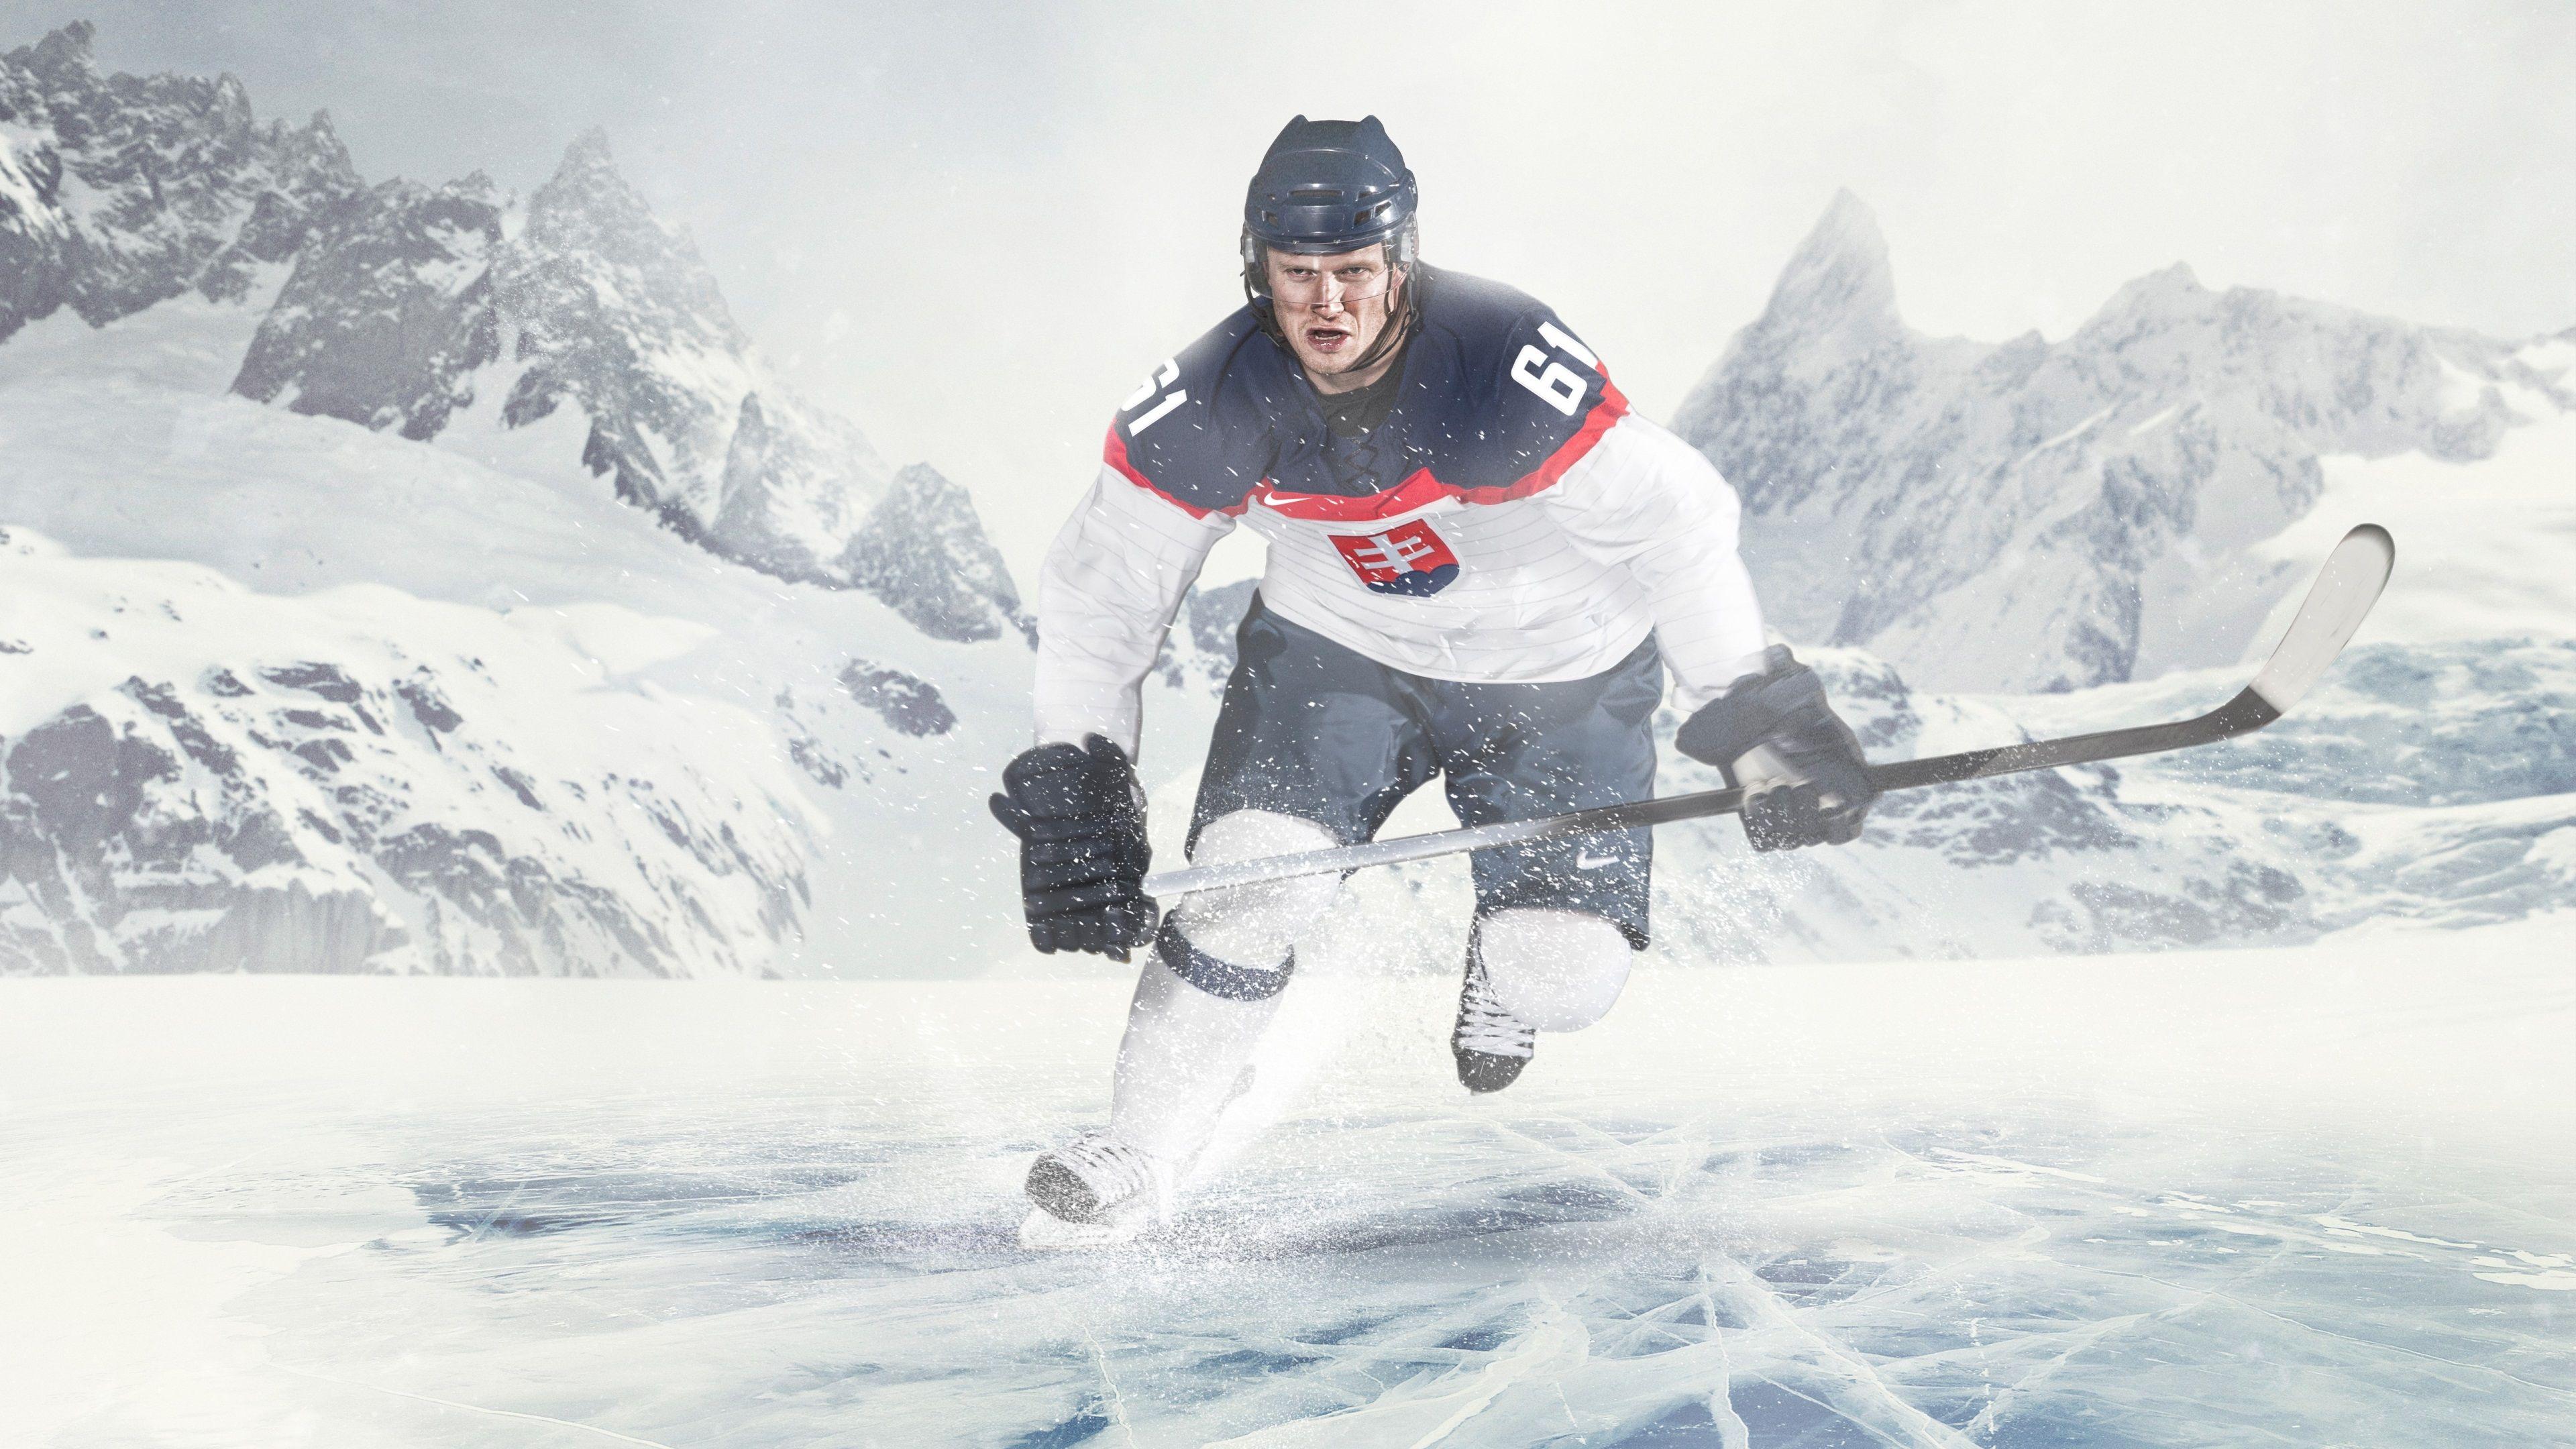 3840x2160 ice hockey 4k free wallpaper in hd